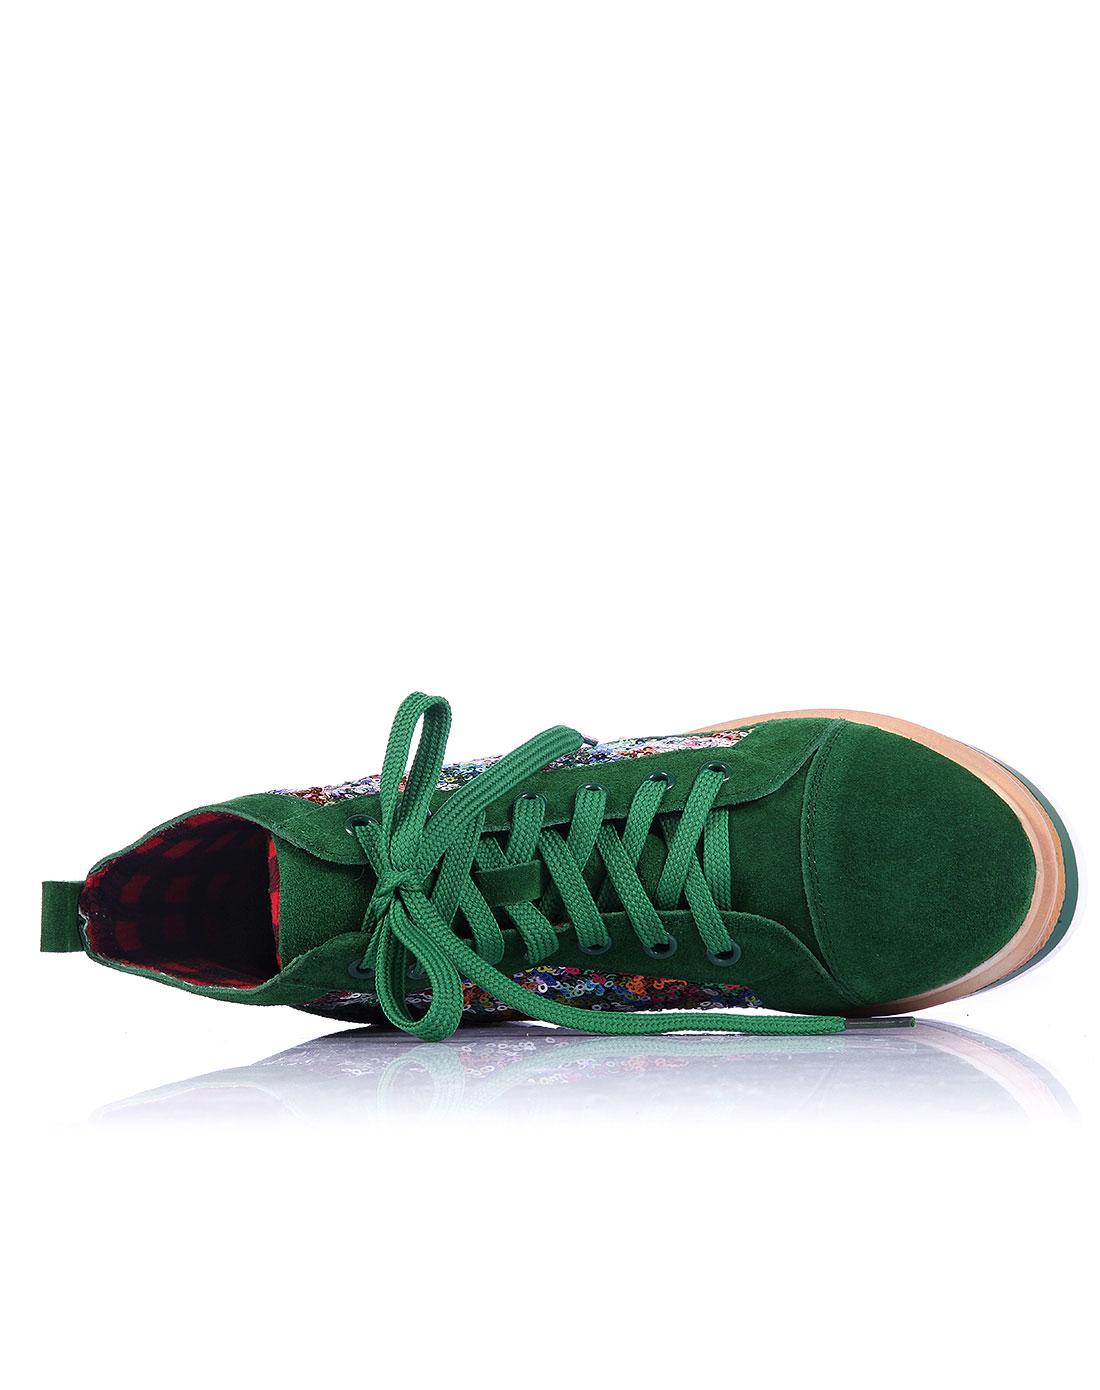 女款绿色休闲系带亮片松糕鞋平跟高帮女鞋